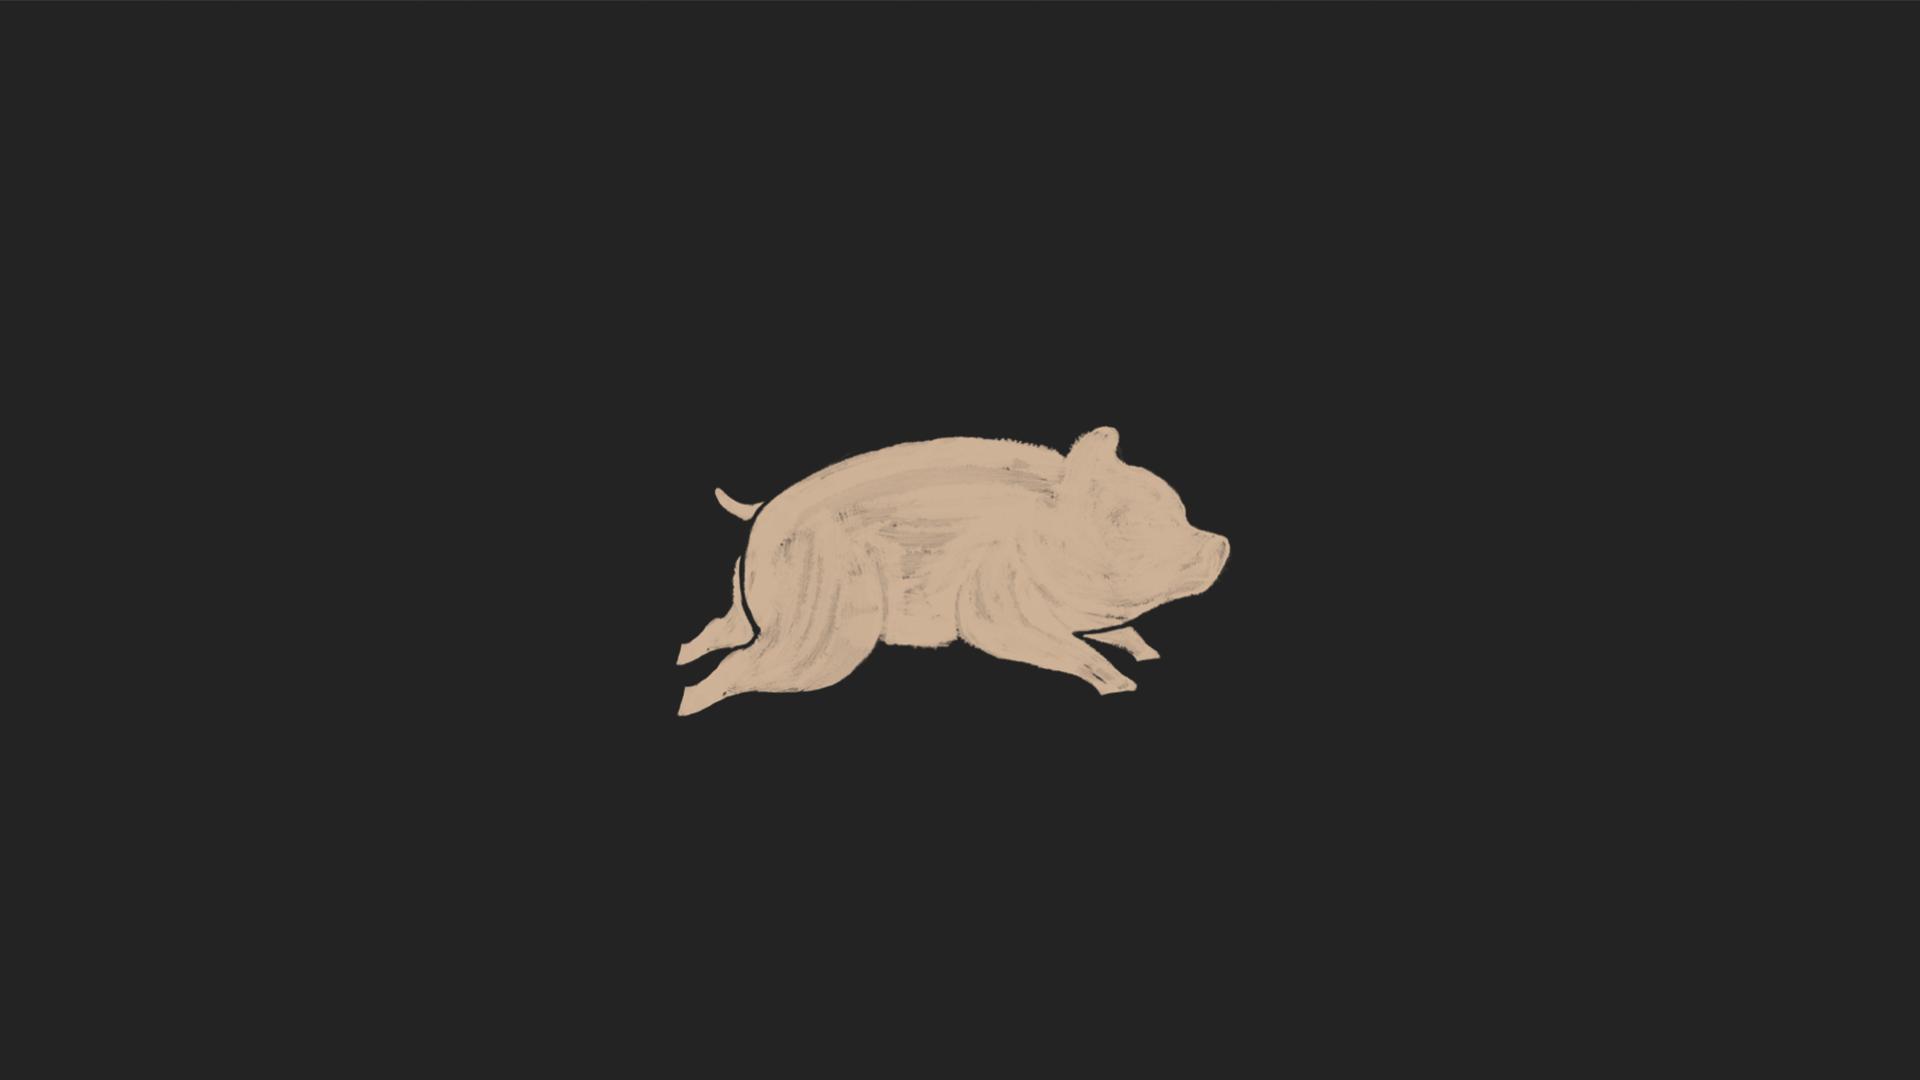 pig-black-blake-yoenpaperland